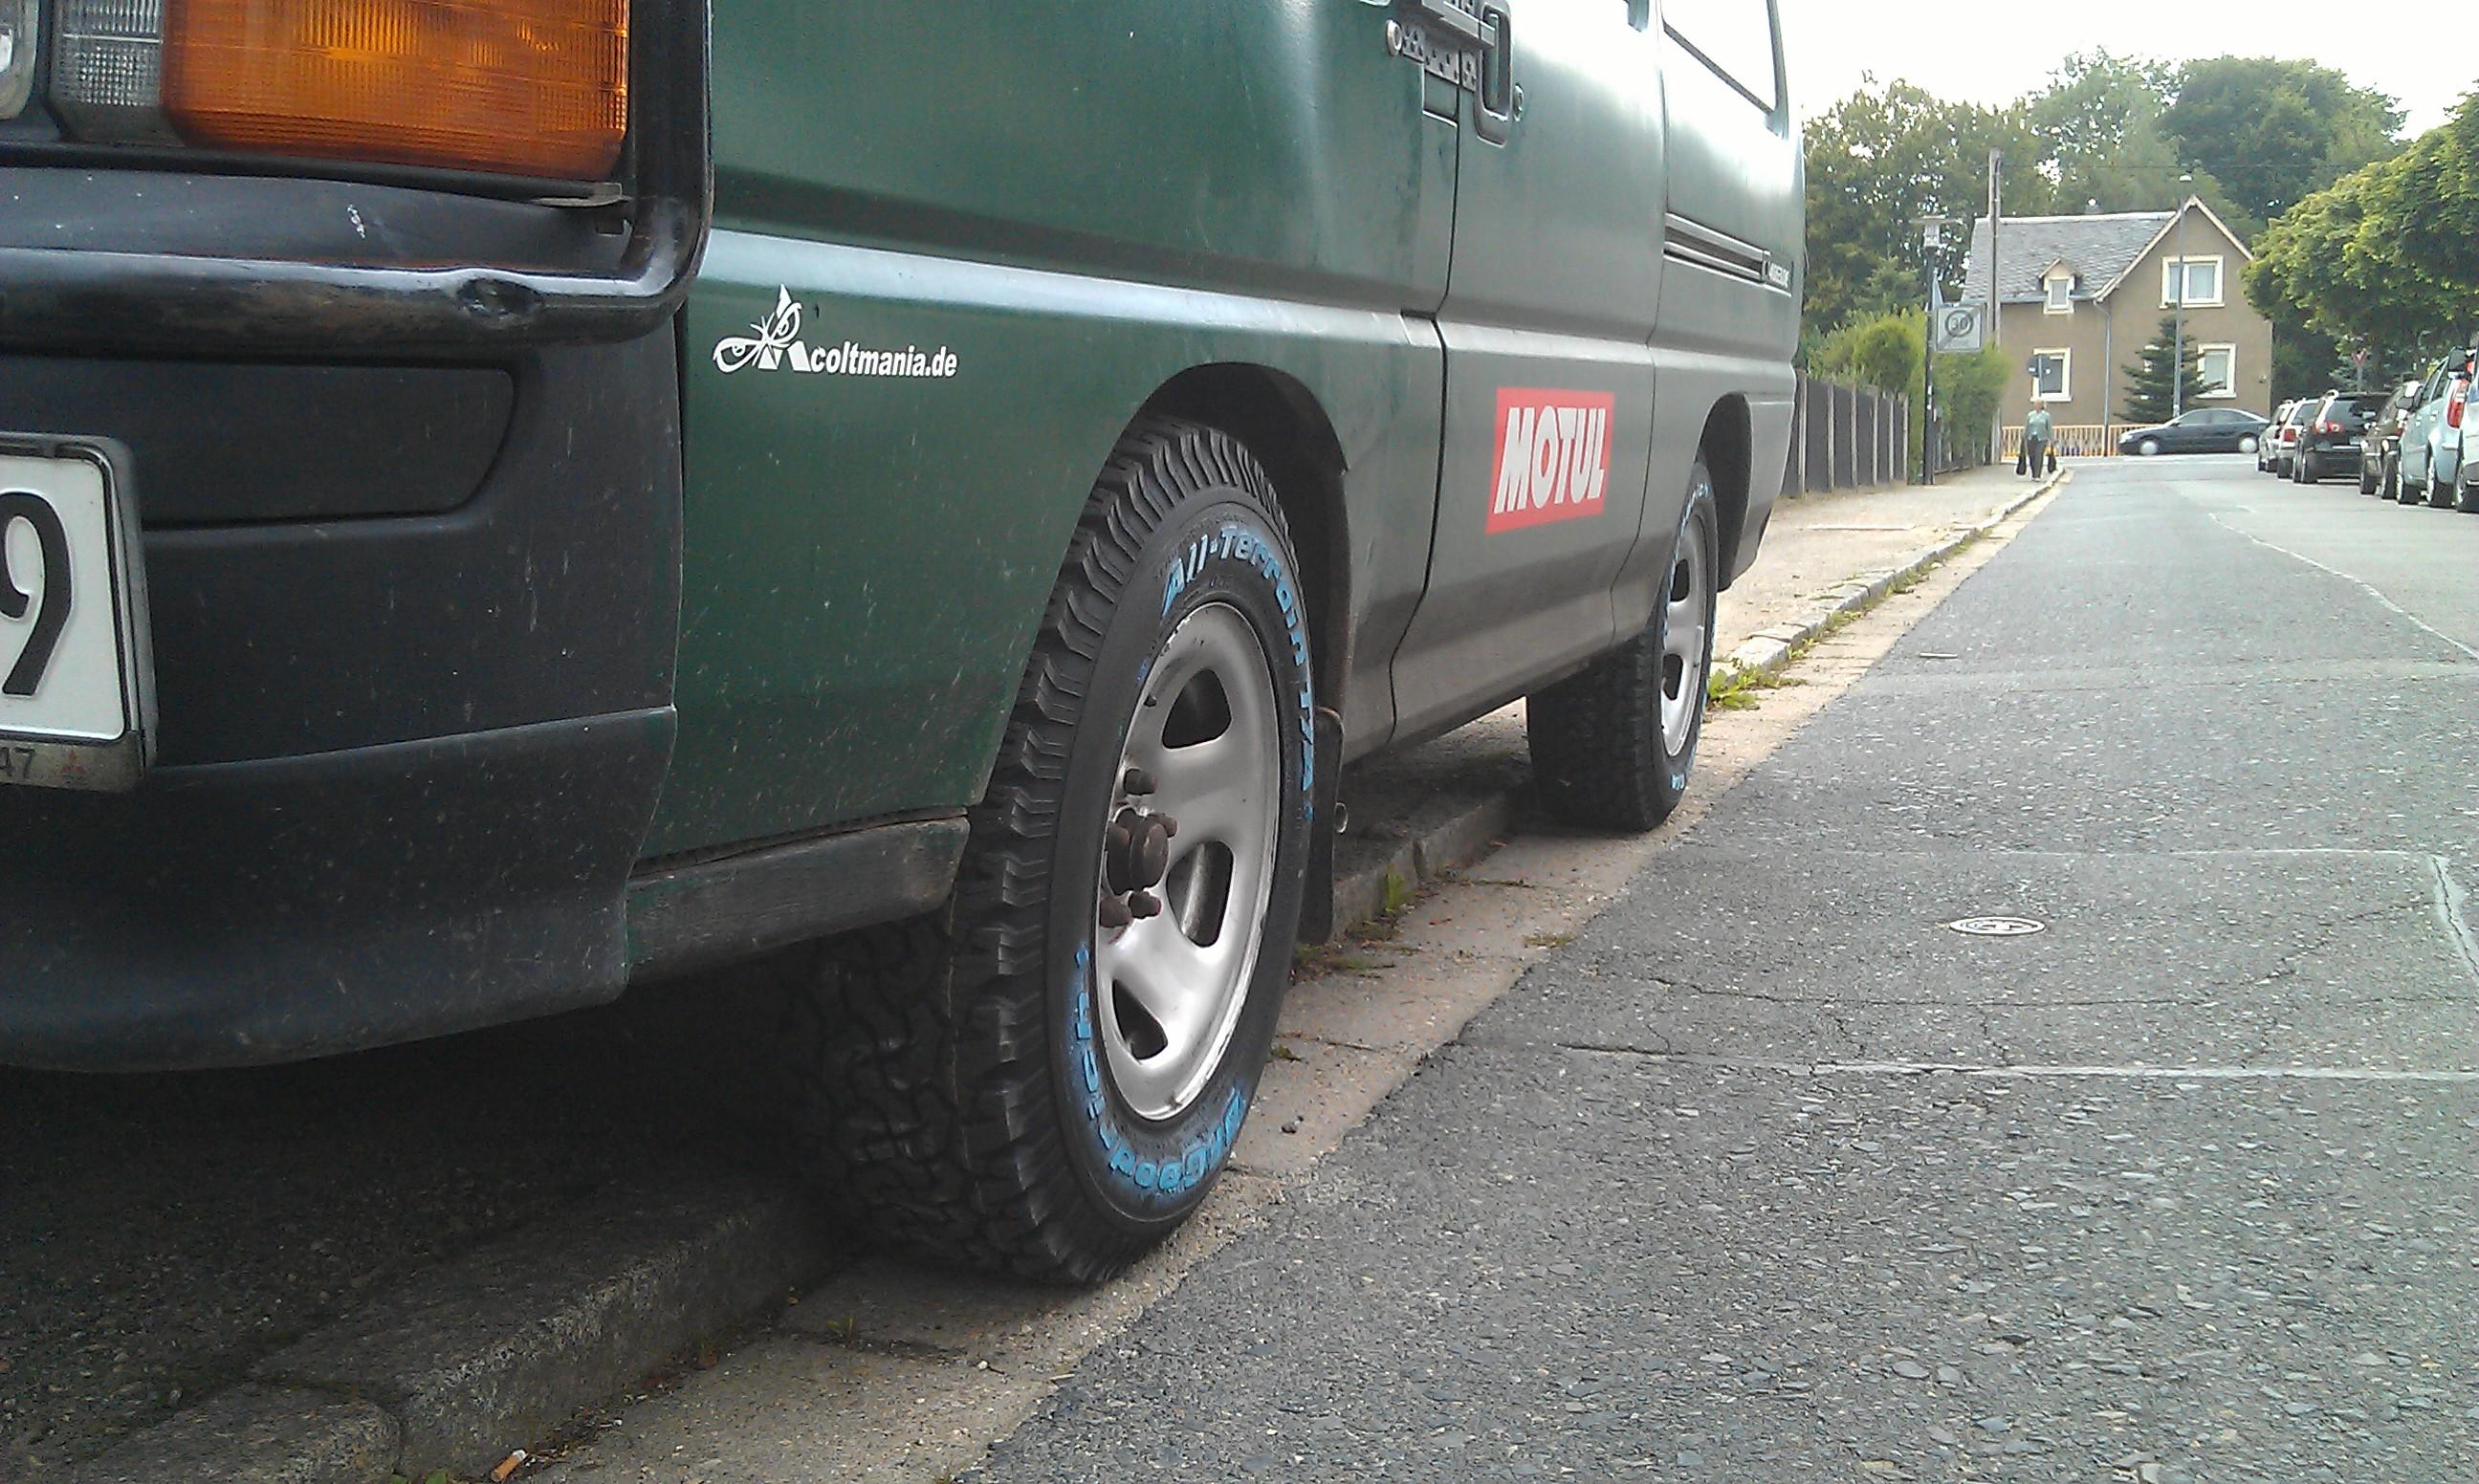 Sponsoring: Reifen & Felgen